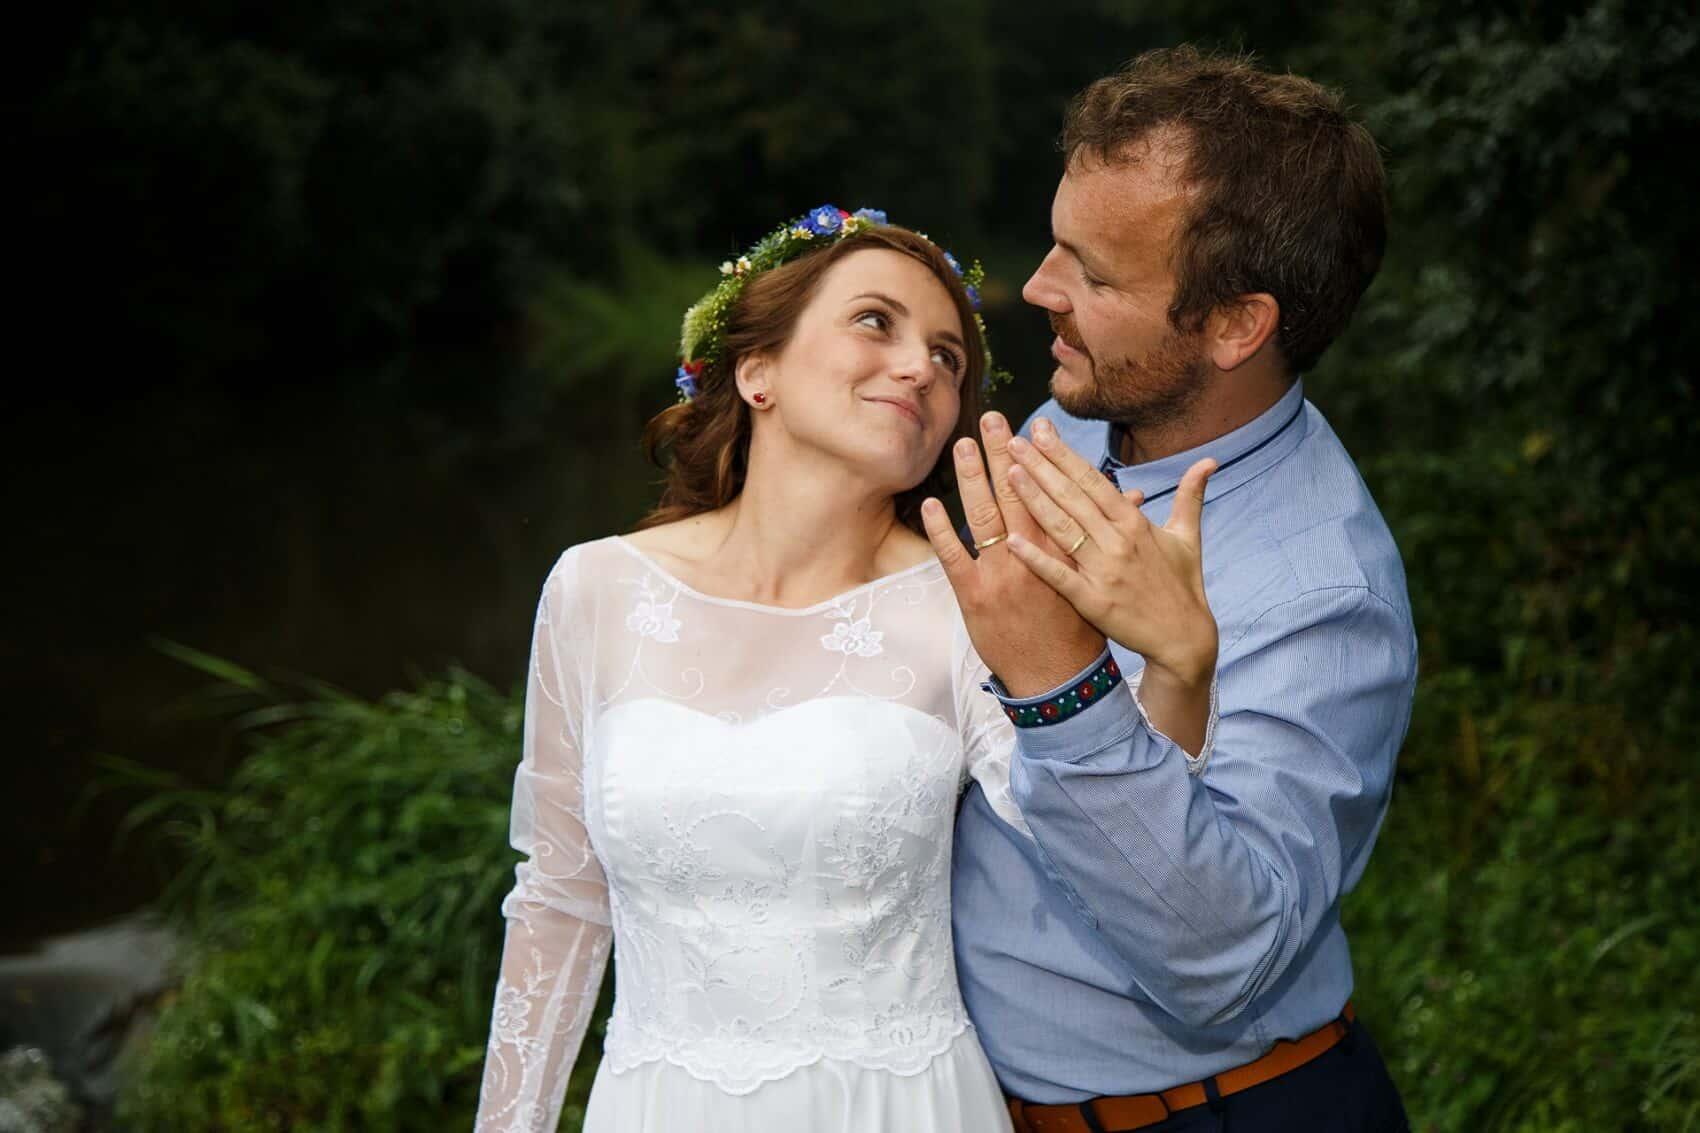 Fotograf Radek Vandra novomanželé v přírodě